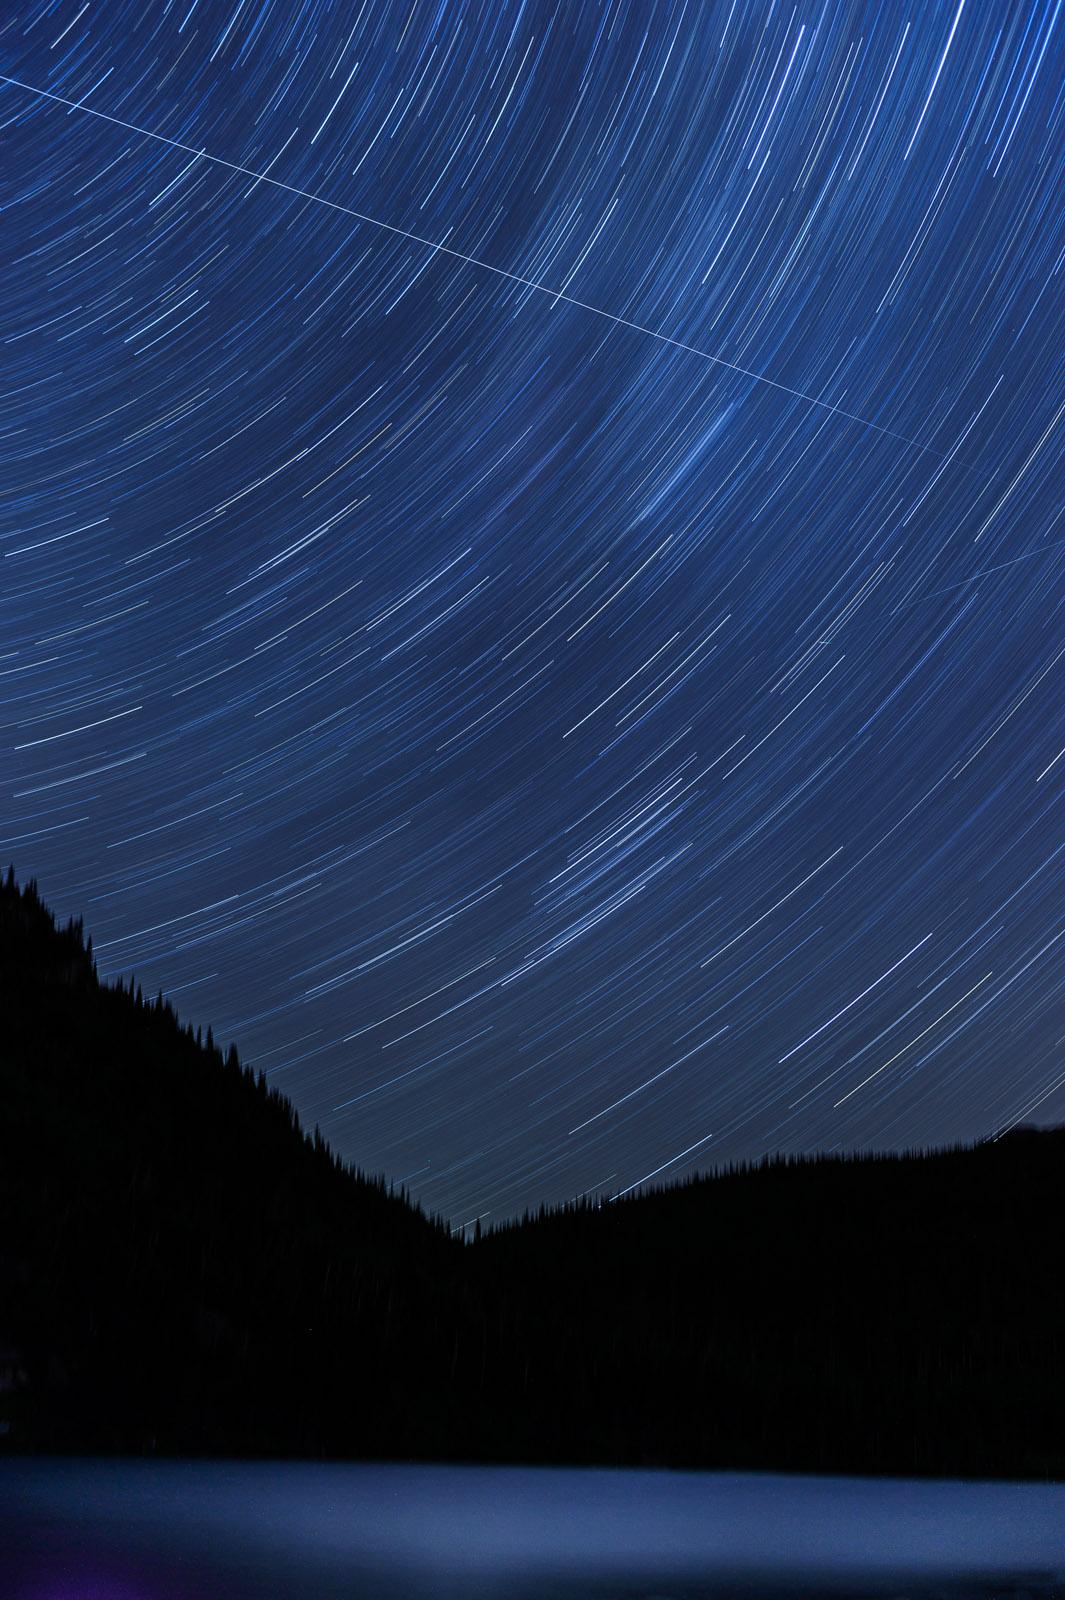 Lac Georges (Mon du lac des Cygnes) : Filé d'étoiles réalisé sur une période de 30 minutes